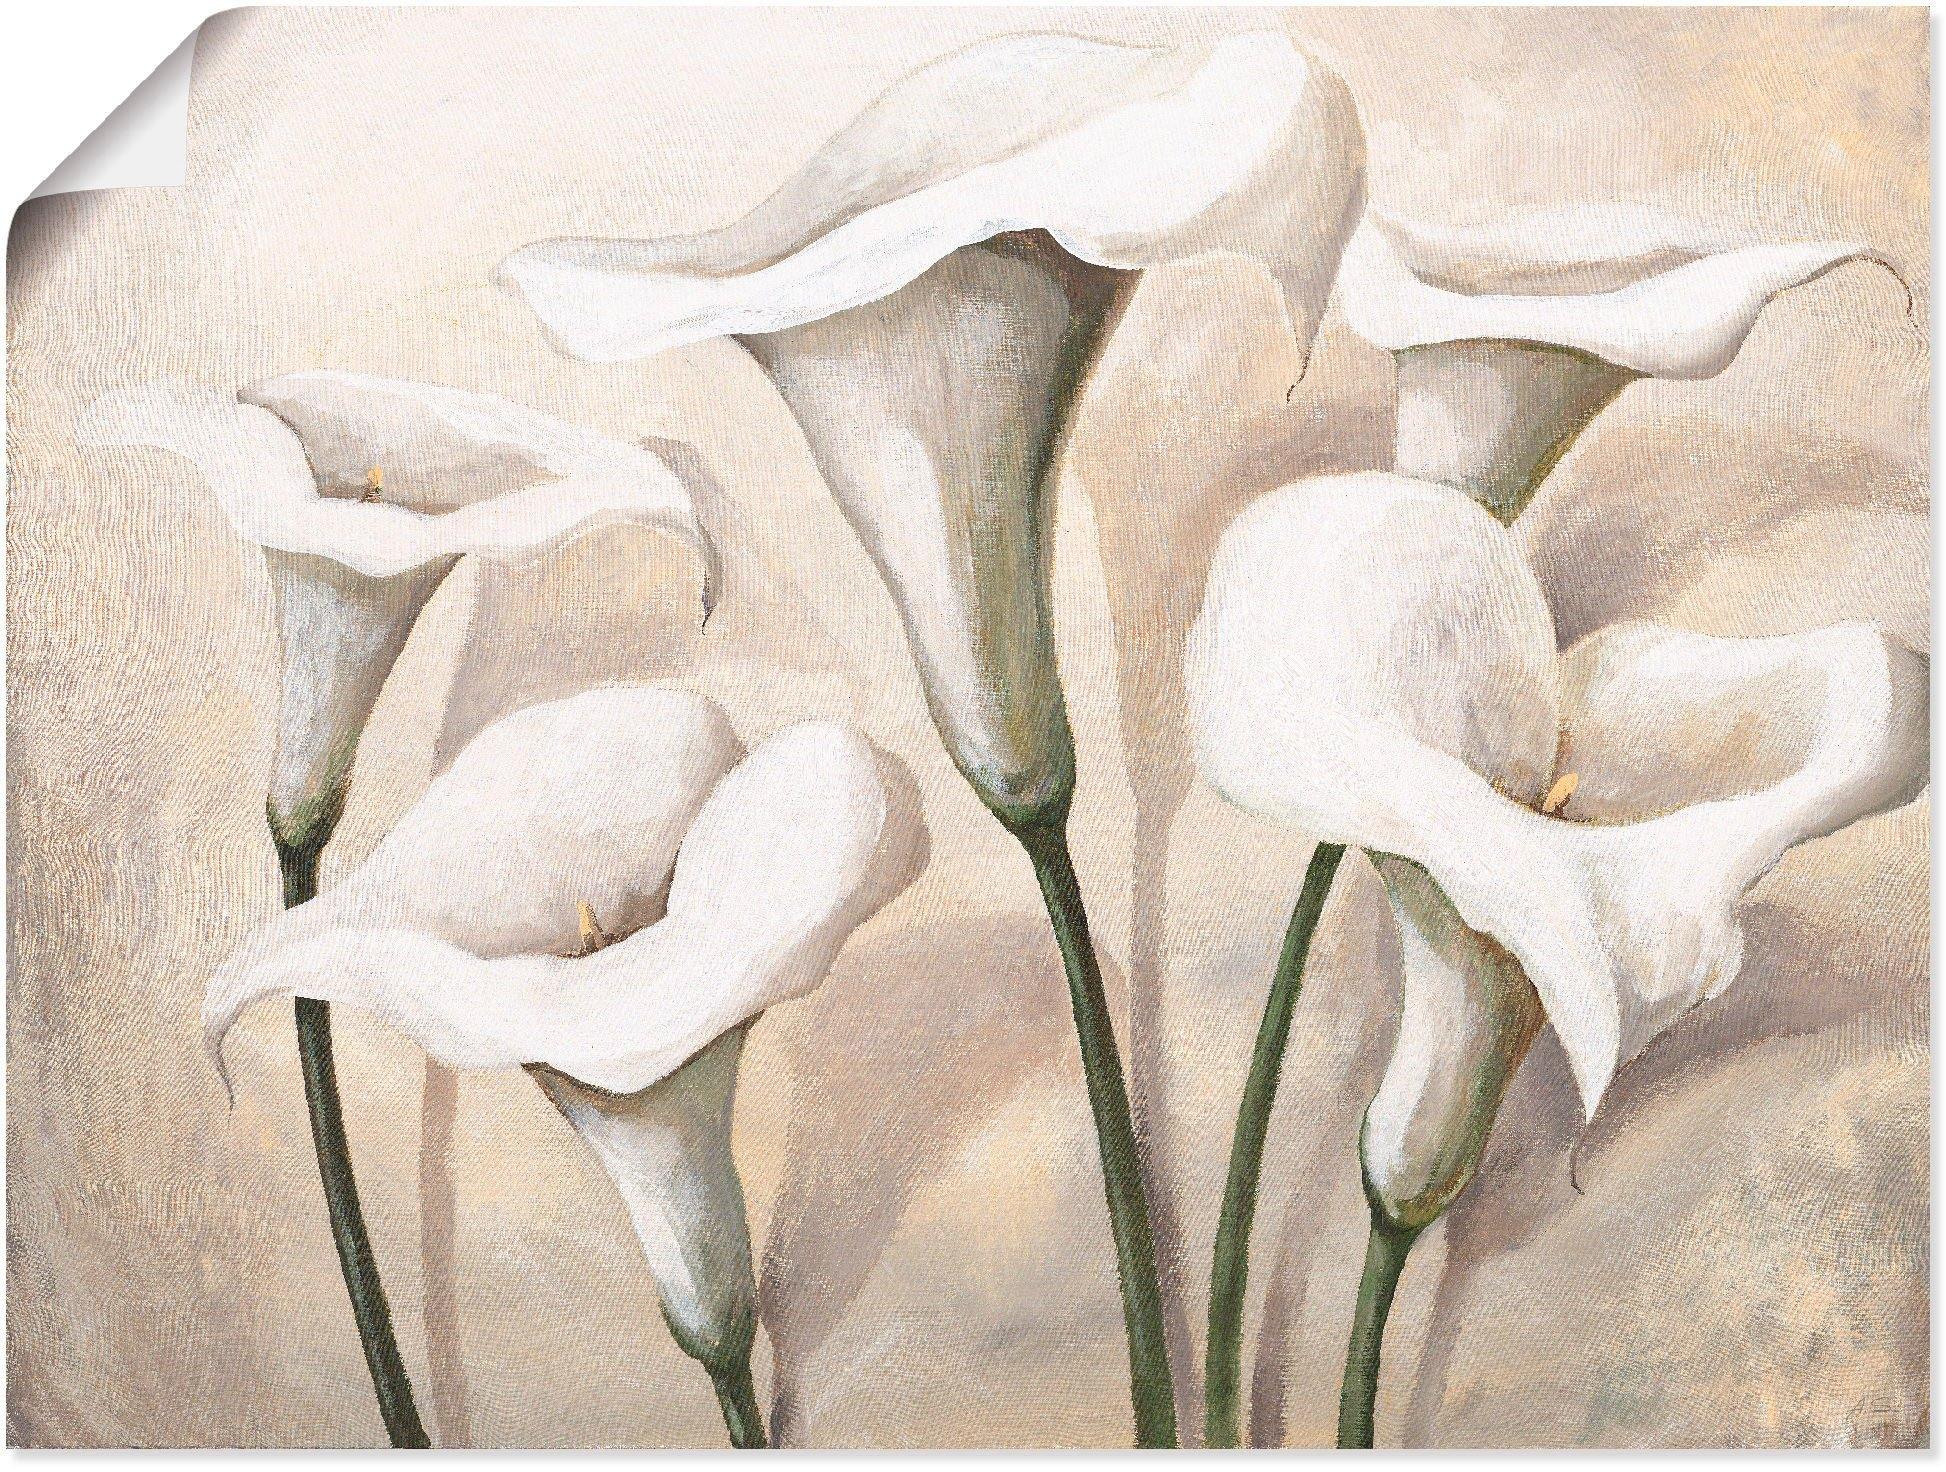 Artland artprint Callas I in vele afmetingen & productsoorten - artprint van aluminium / artprint voor buiten, artprint op linnen, poster, muursticker / wandfolie ook geschikt voor de badkamer (1 stuk) goedkoop op otto.nl kopen